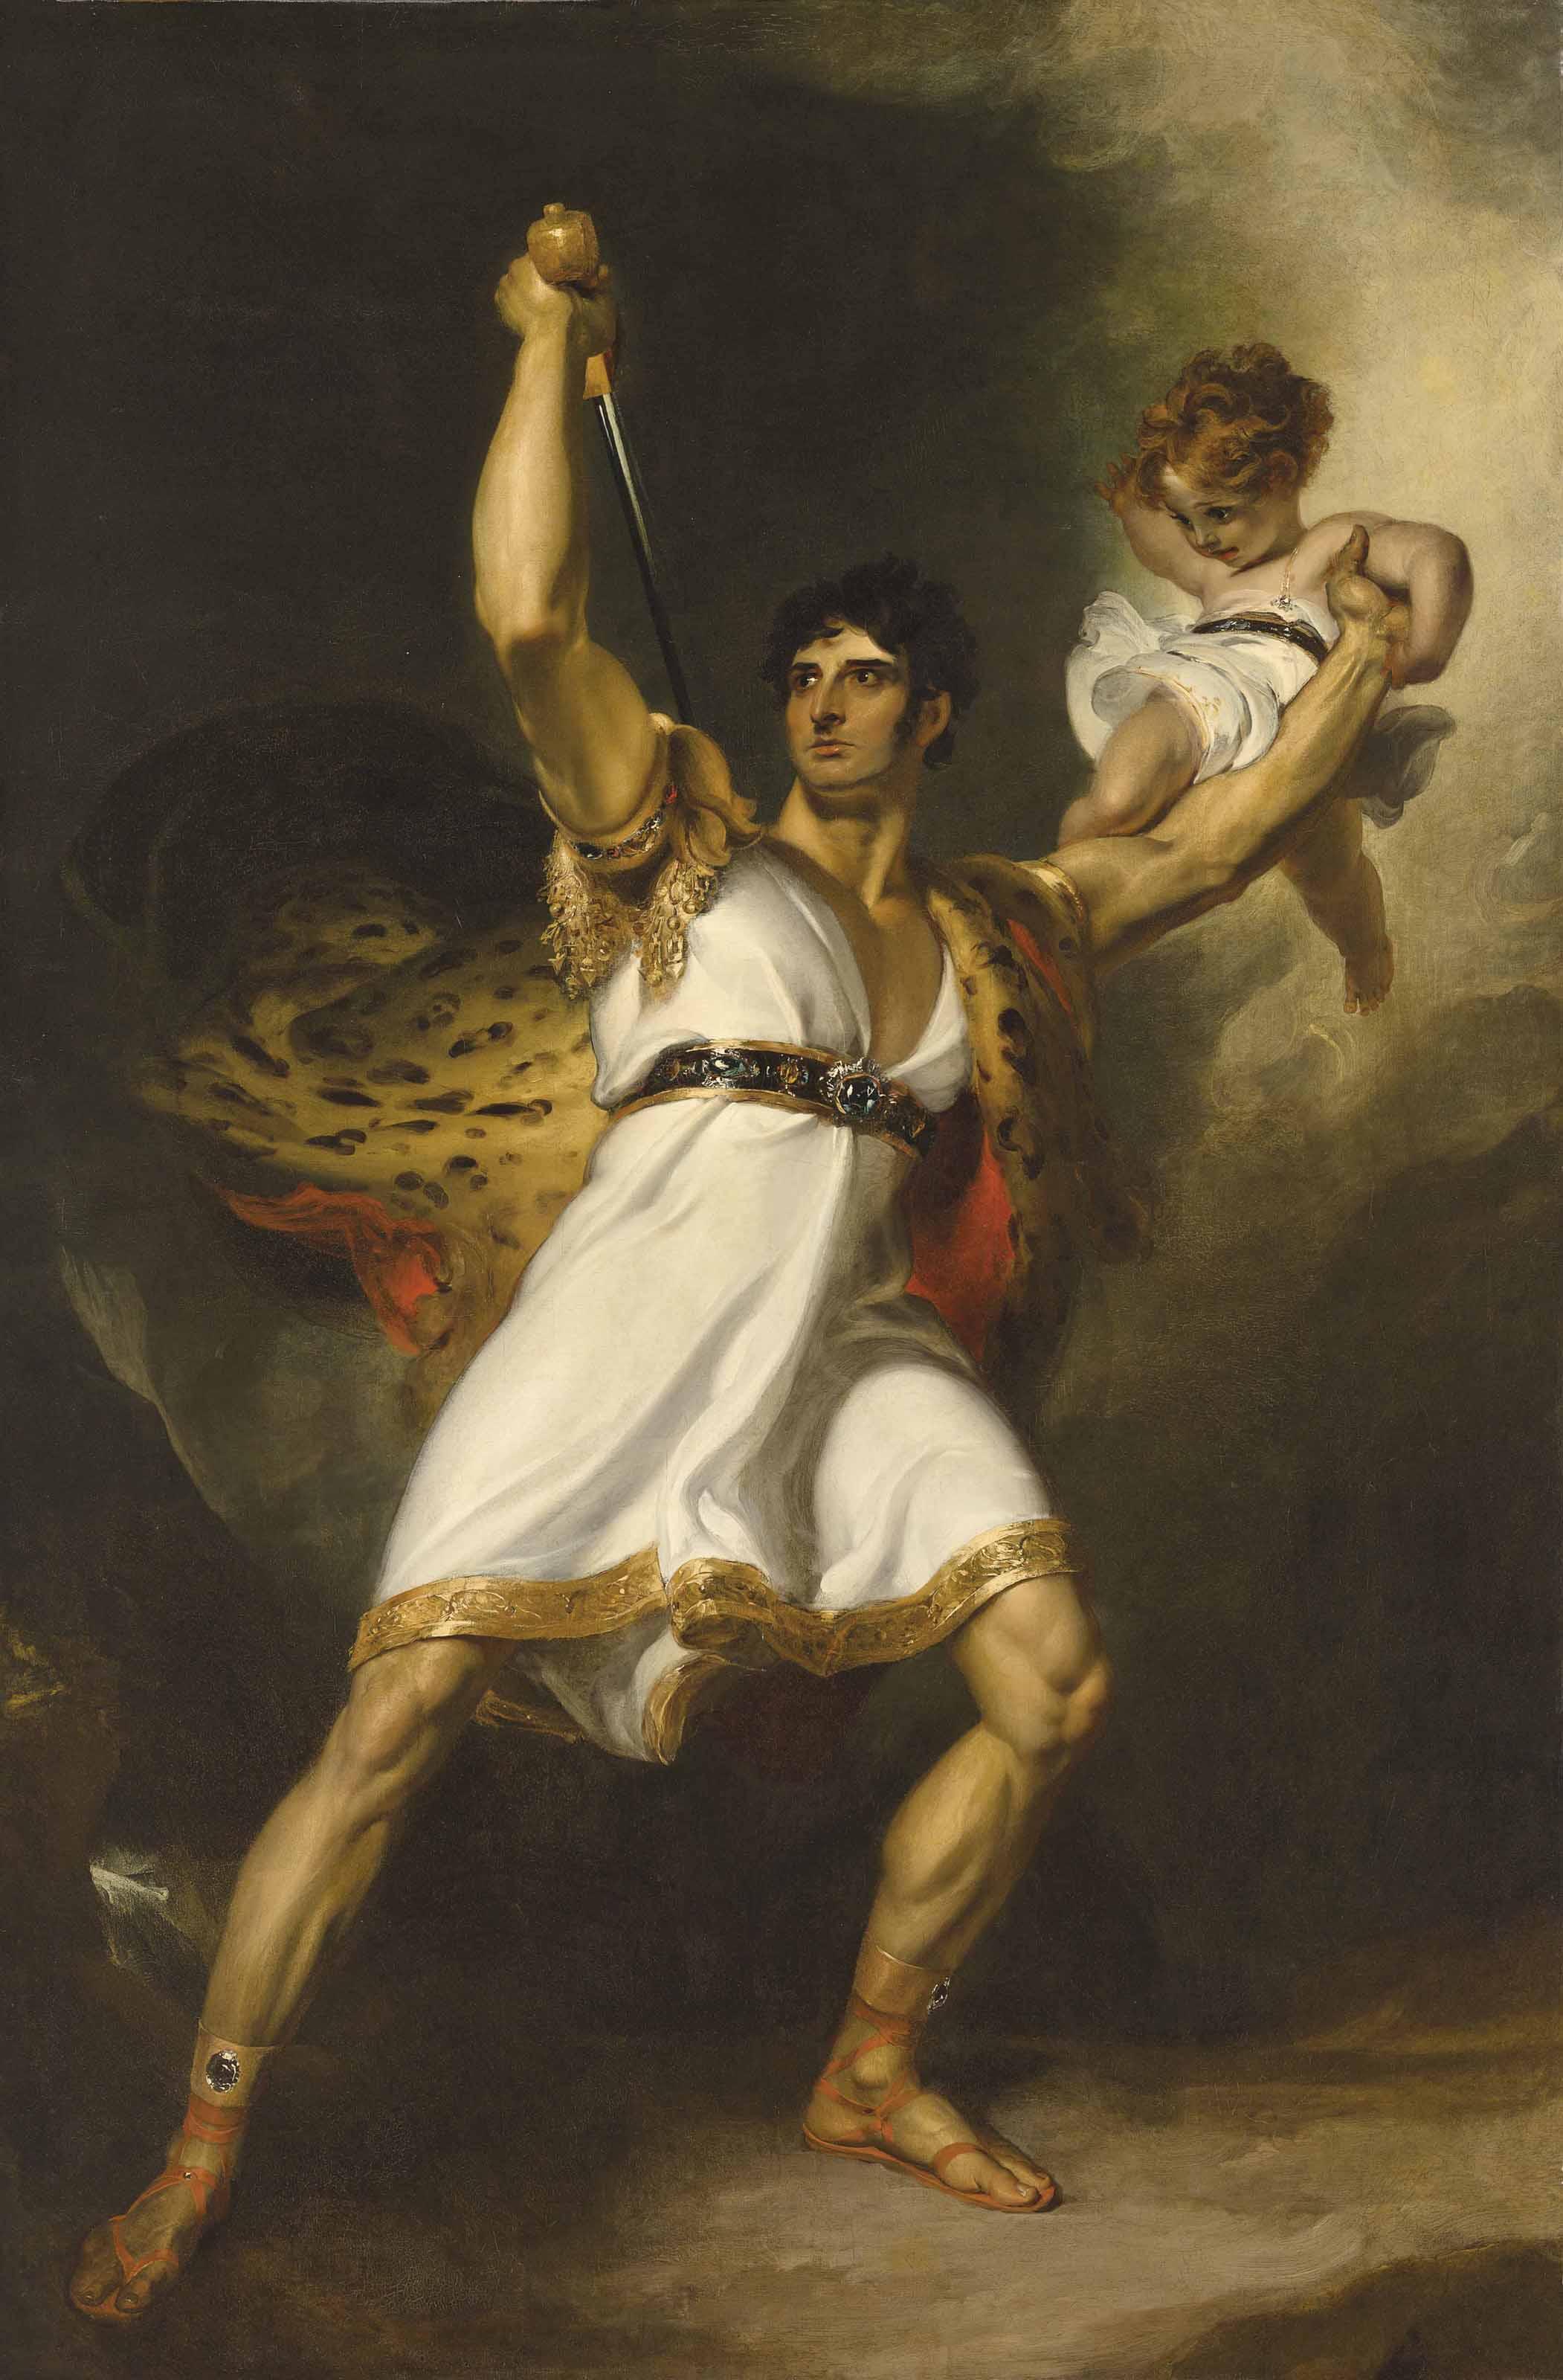 Portrait of John Philip Kemble (1757-1823), full-length, as Rolla from Sheridan's Pizarro